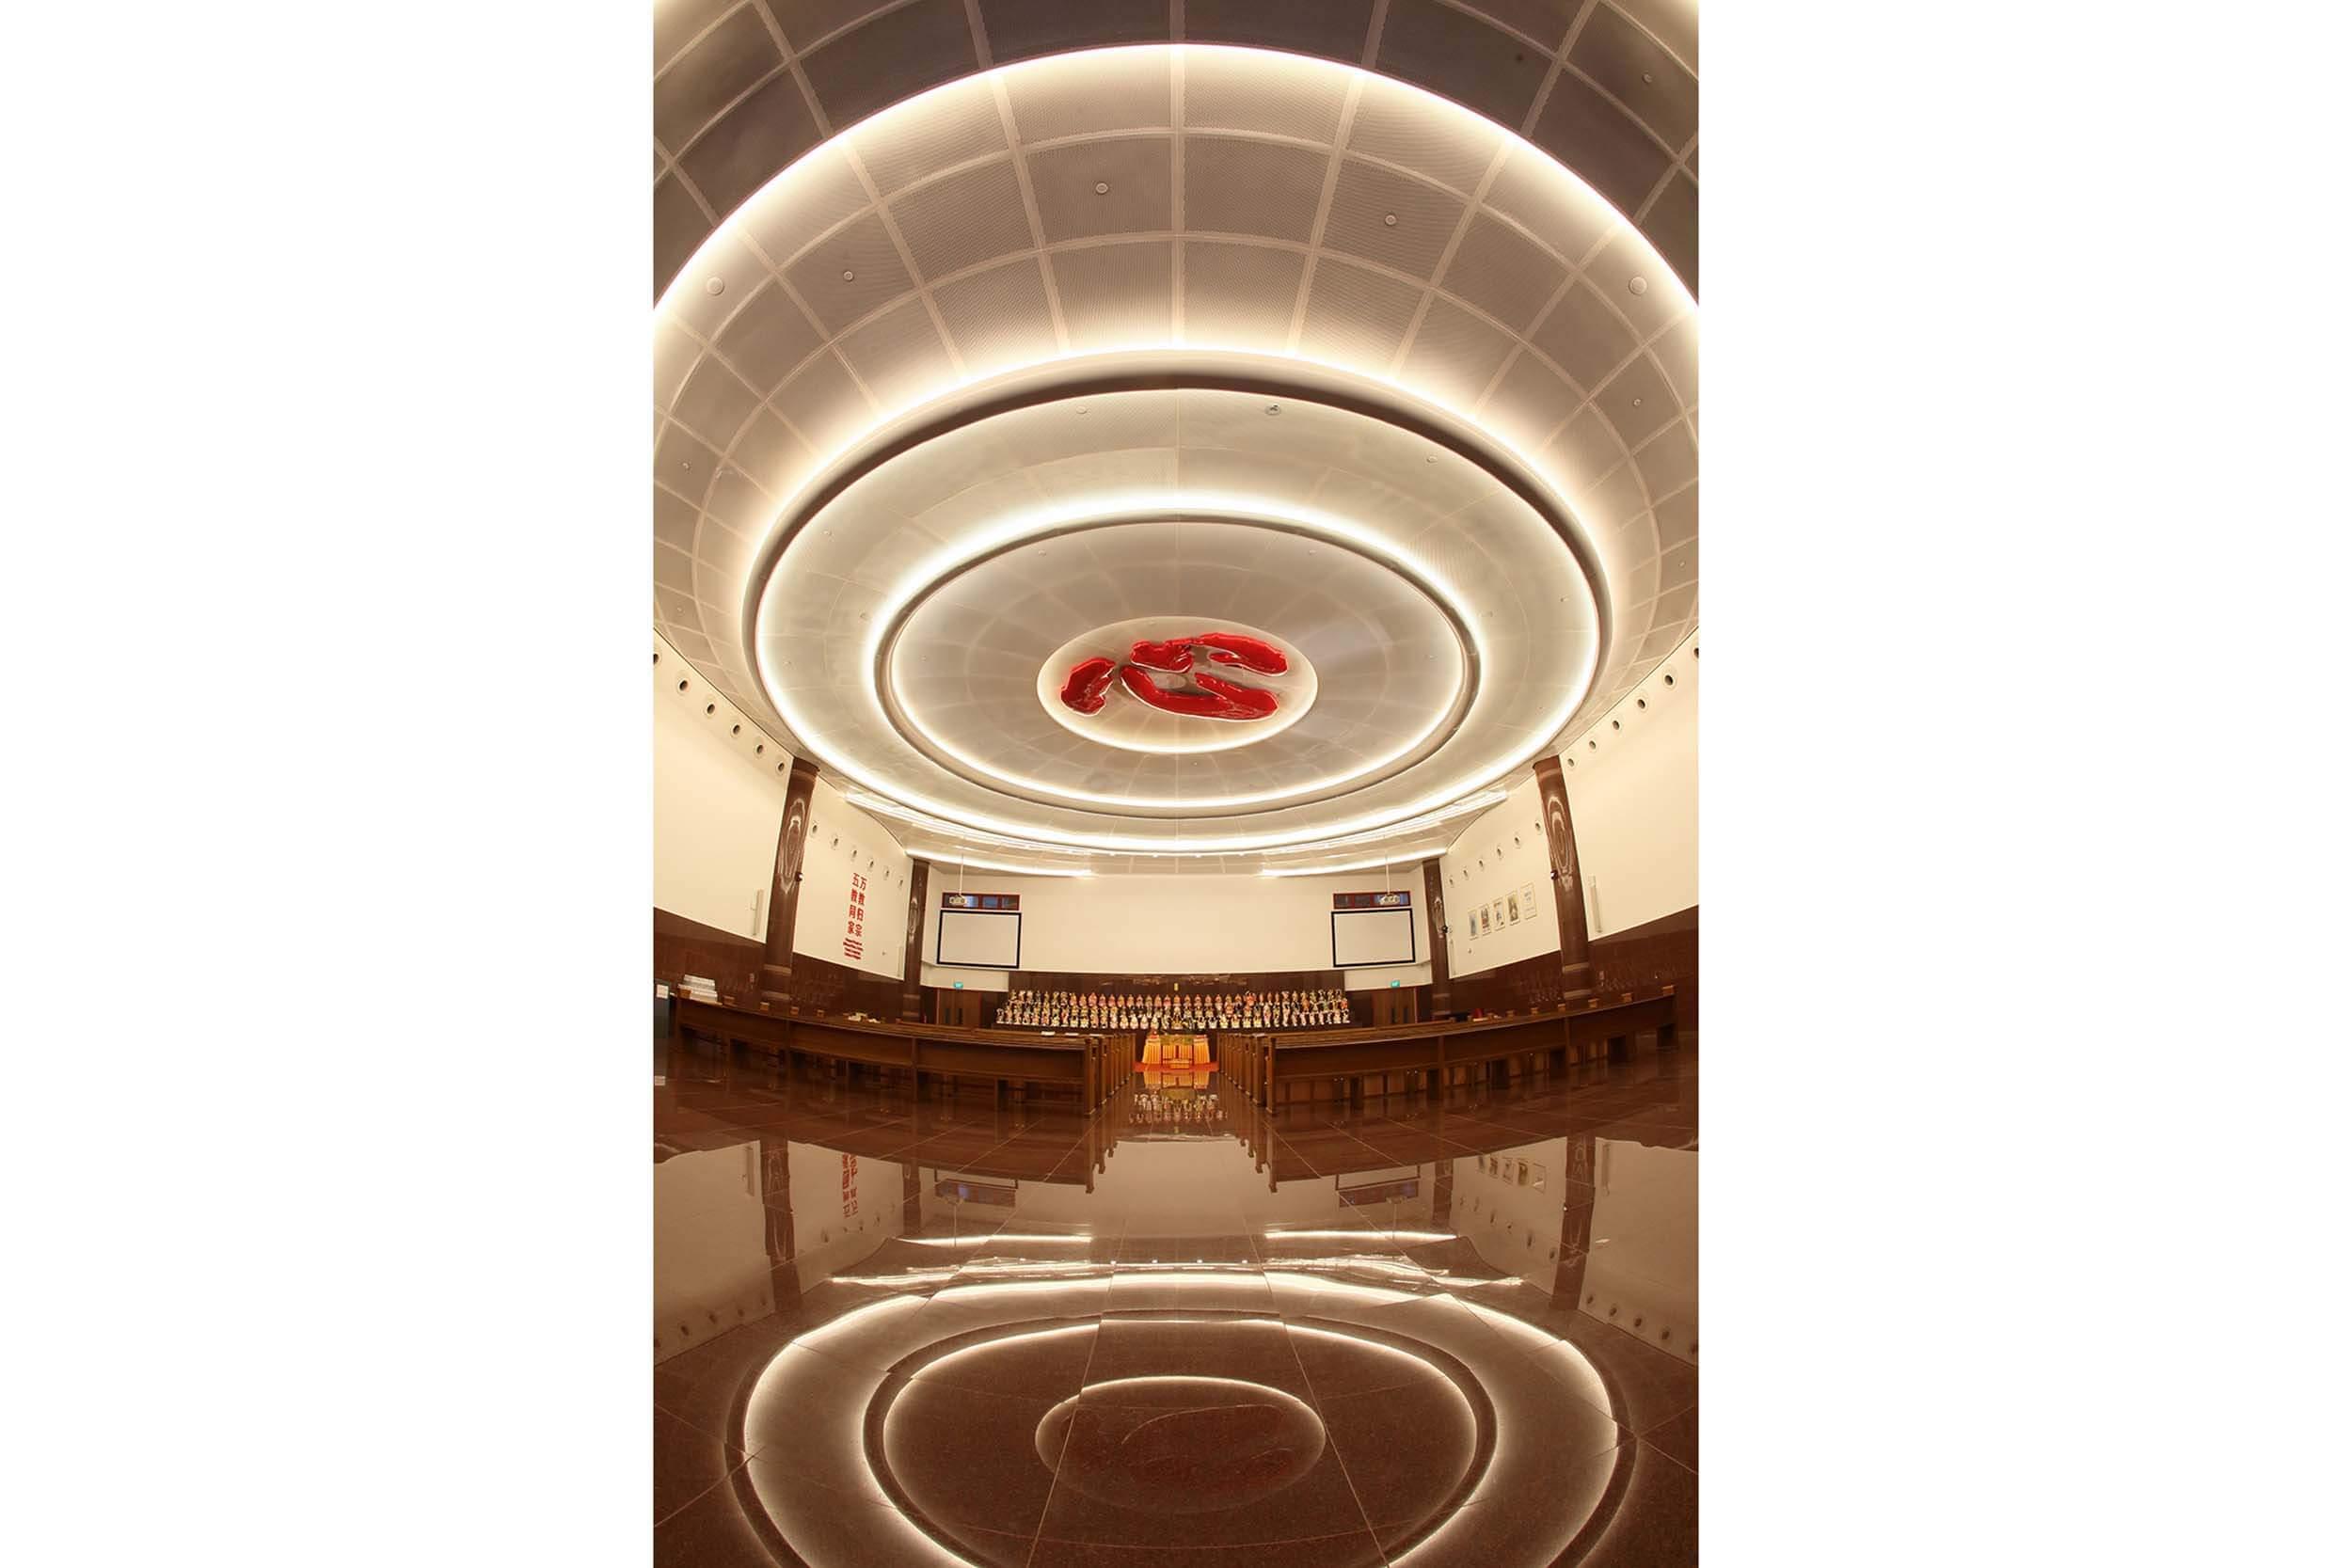 ceiling light temple light journey